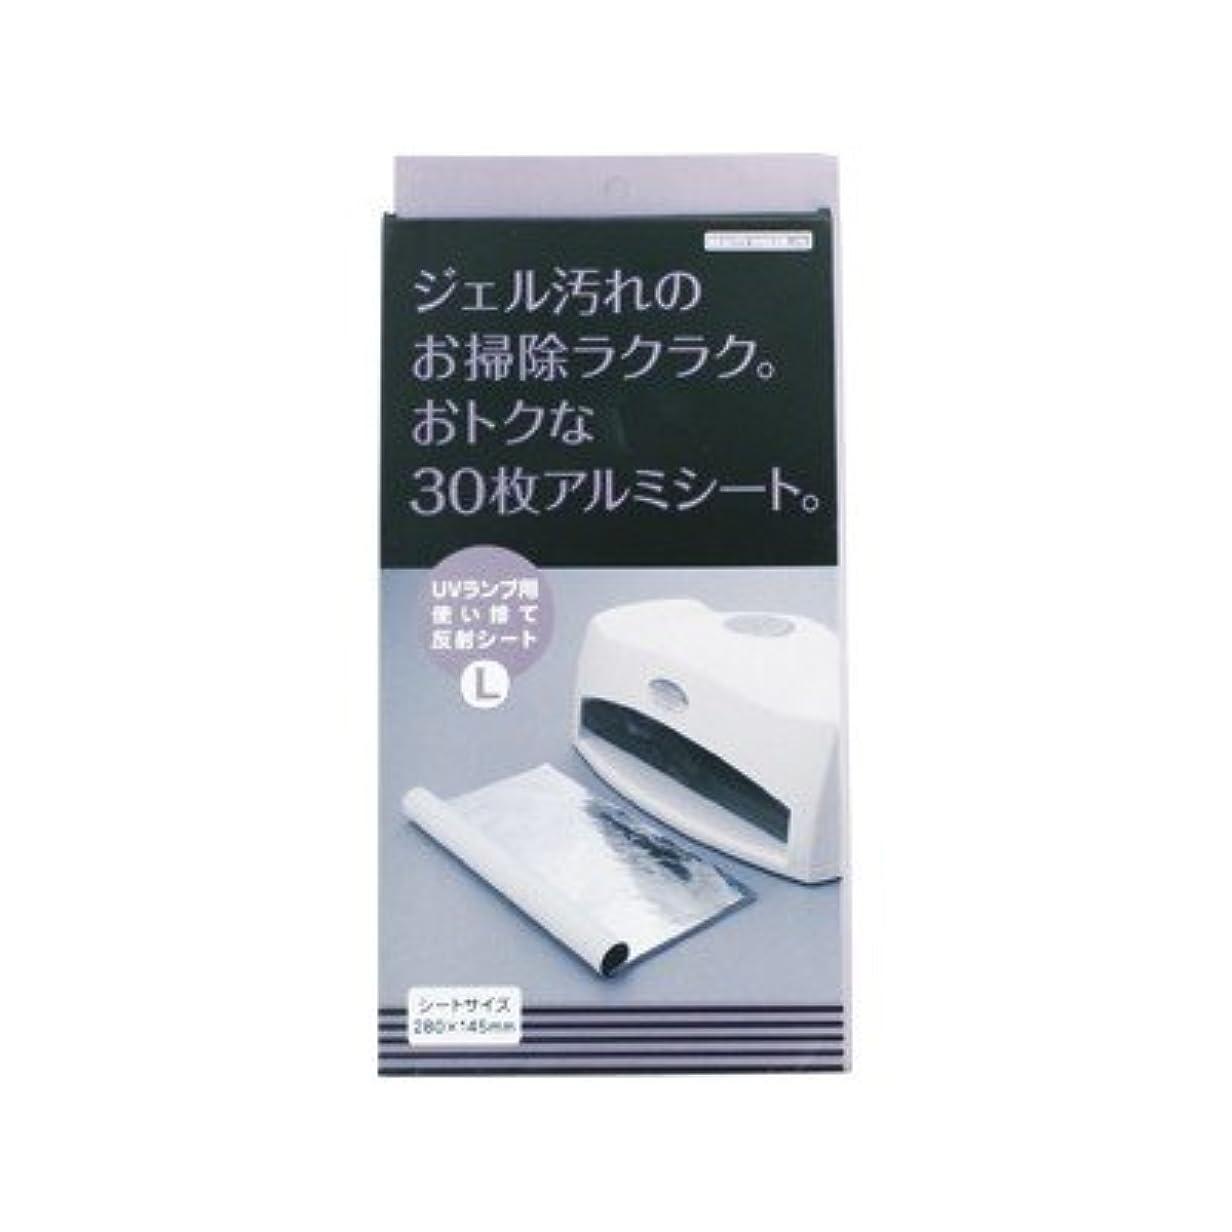 序文ホバート取るビューティーネイラー ネイルケア UVランプ用使い捨て反射シートL UVH-2